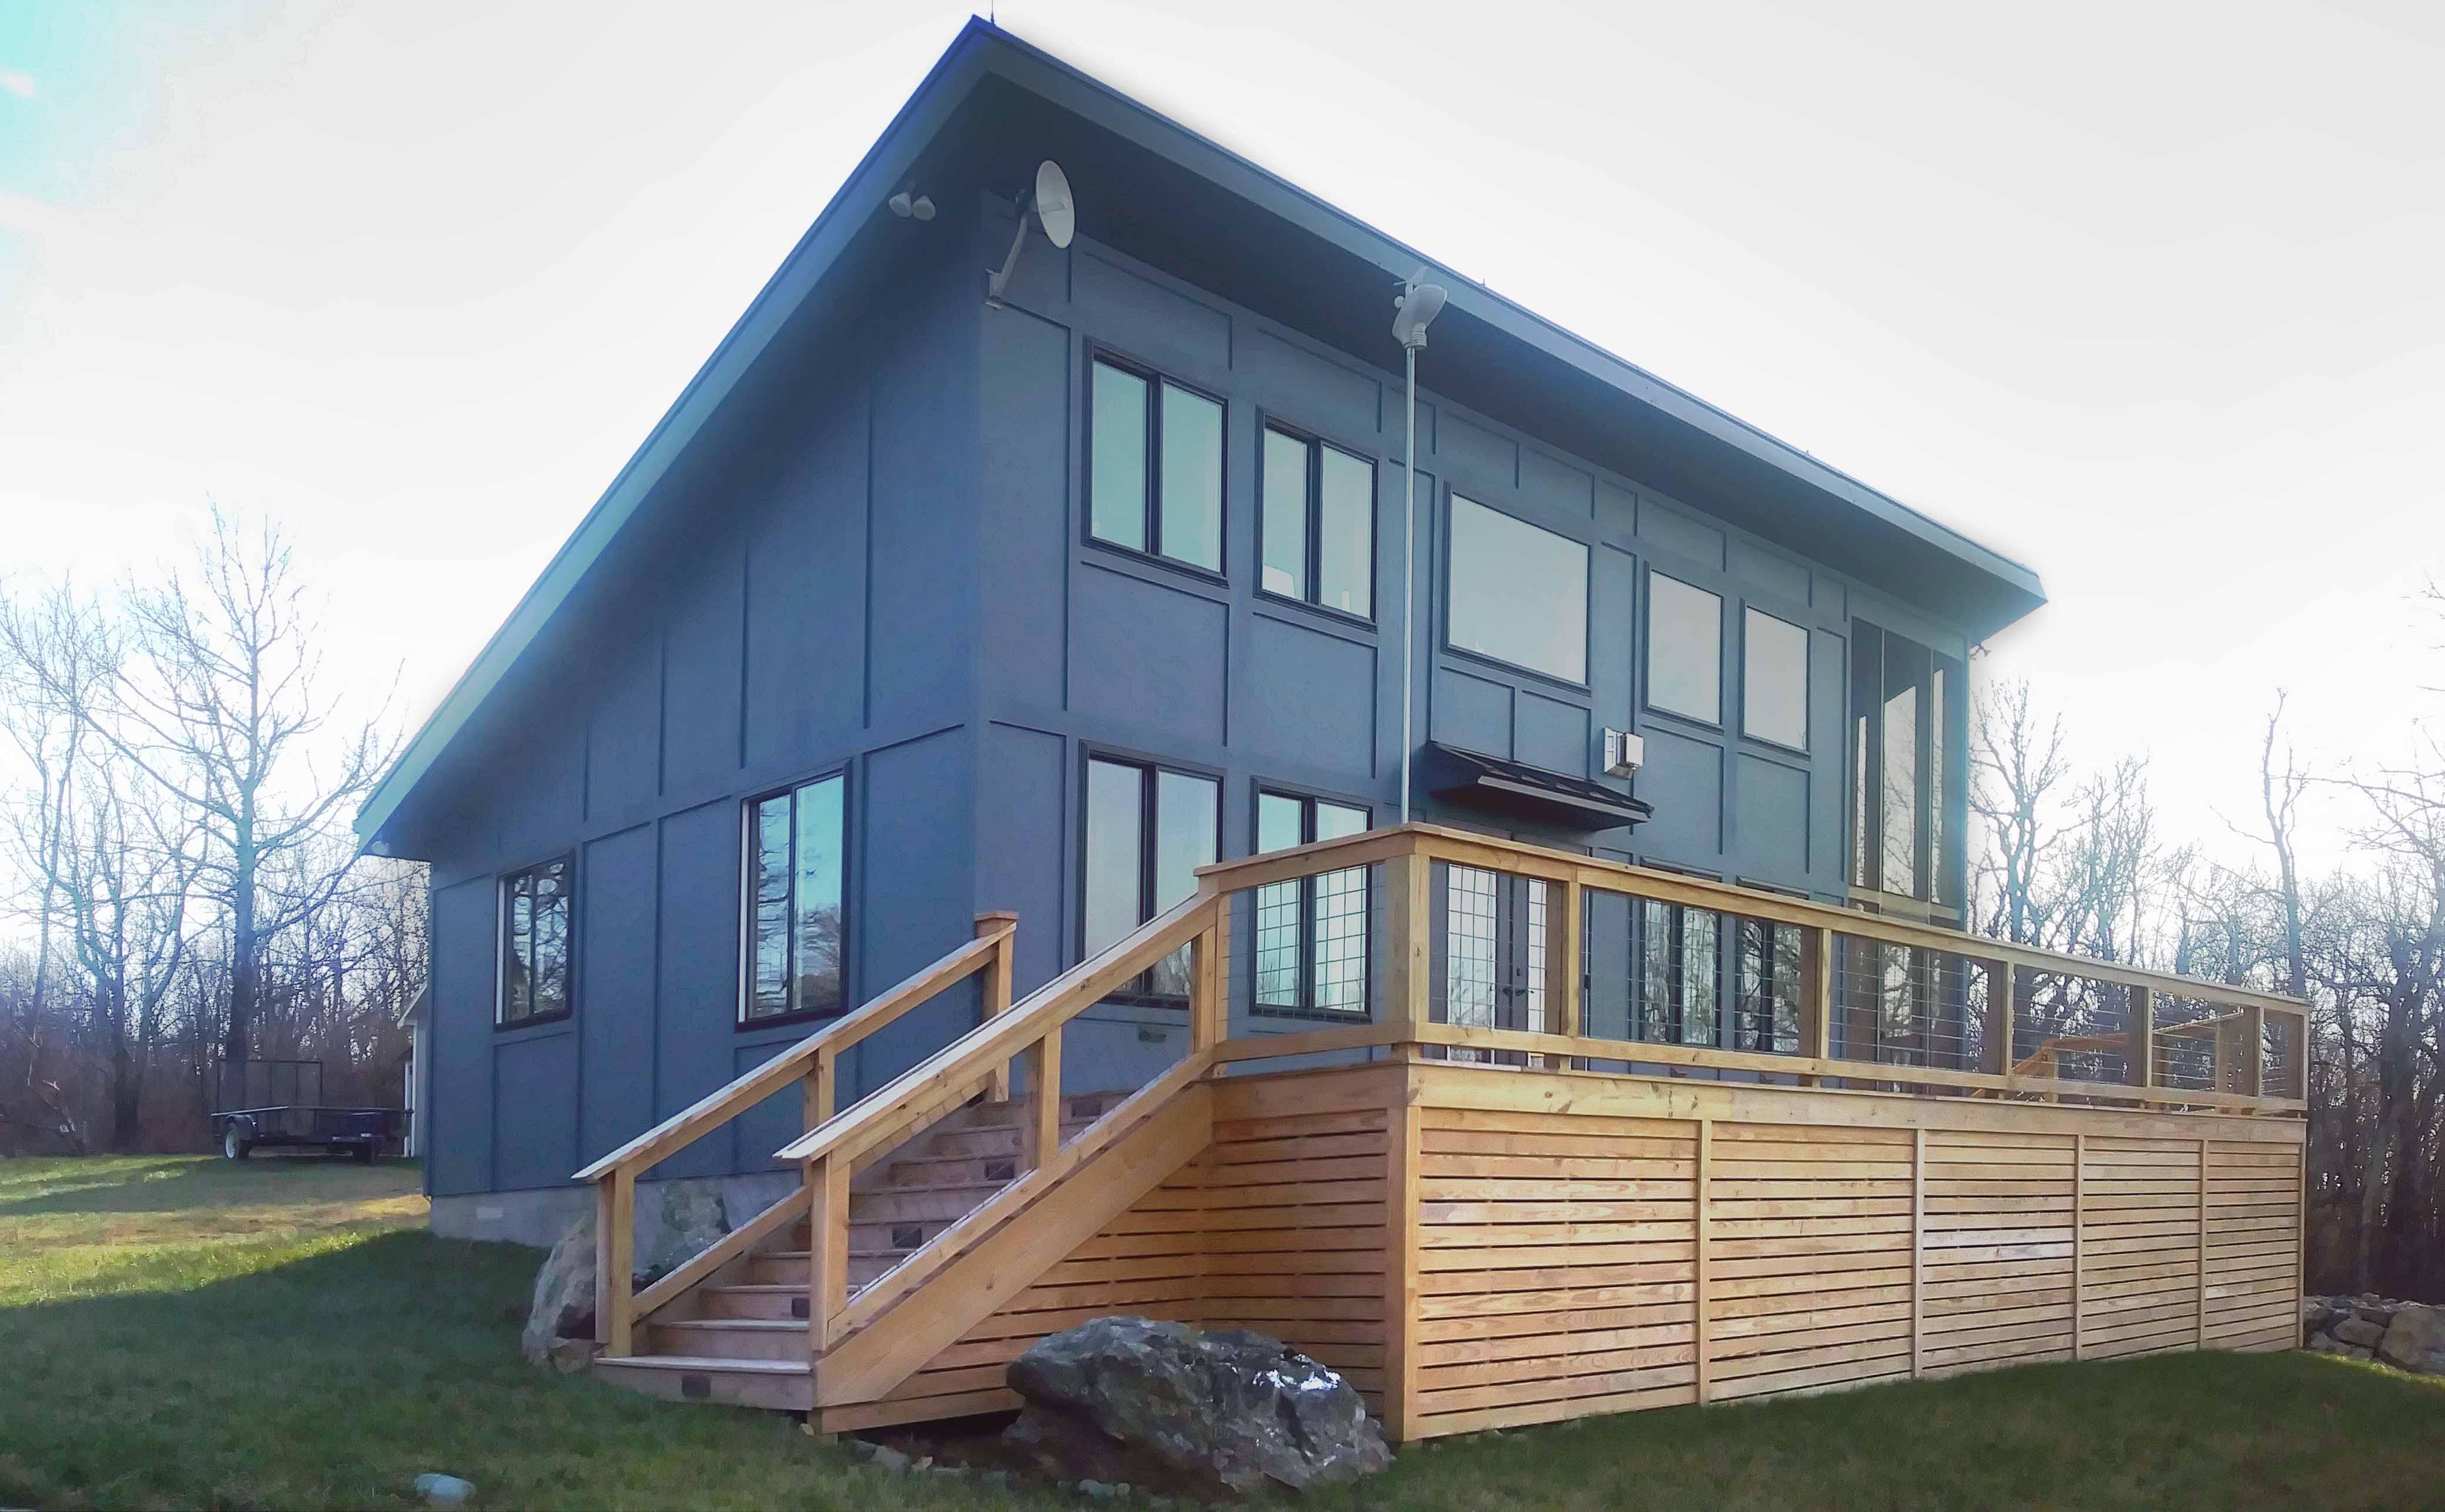 Shenandoah Valley Cabin » Paul Bethel Design